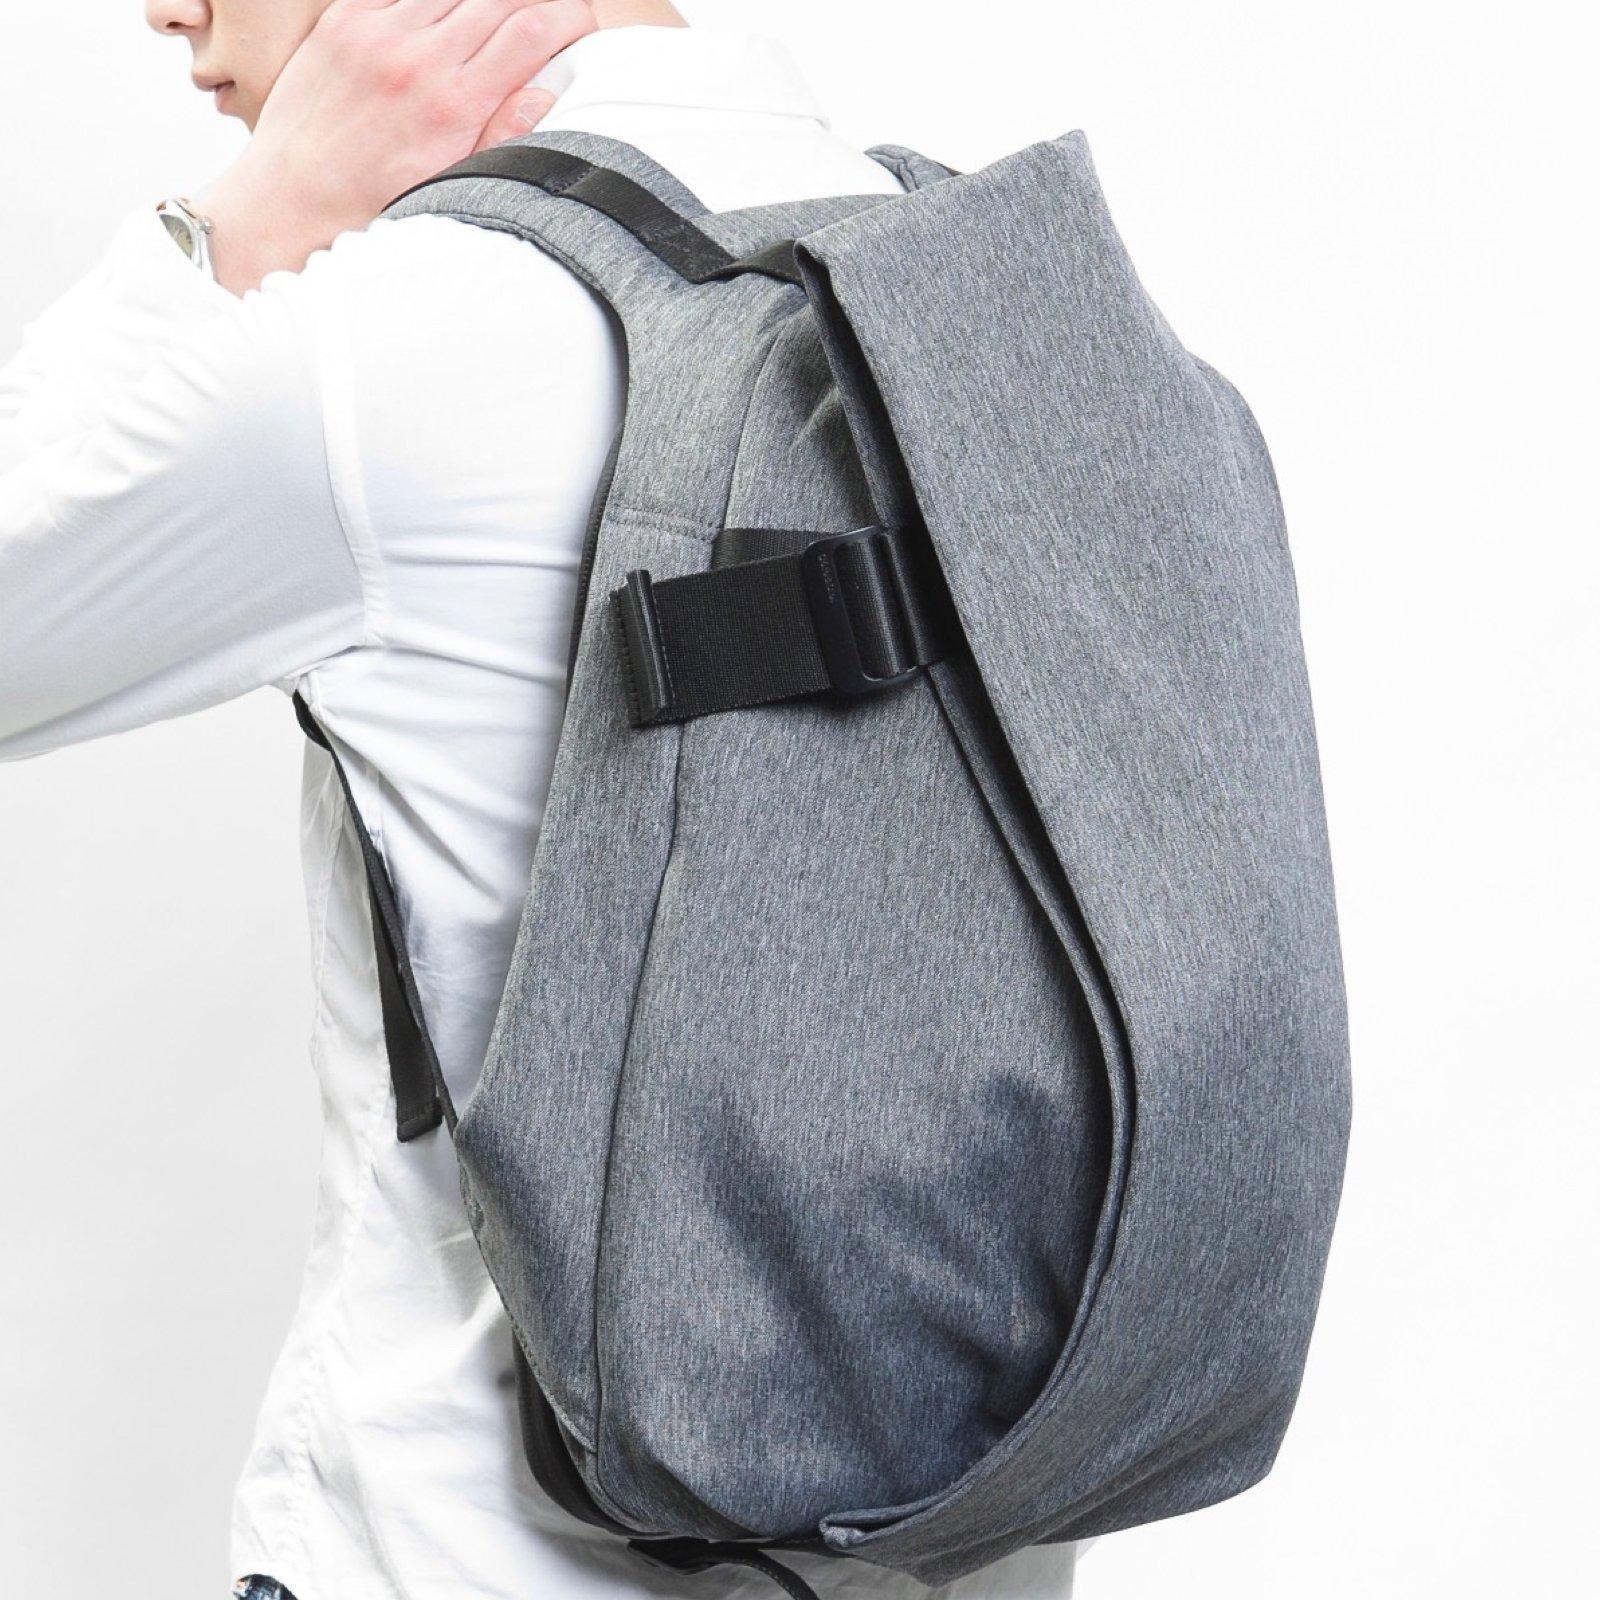 (コートアンドシエル) Cote&Ciel Laptop Rucksack / IsarRucksack / Twin Touch Memory / Meuse Backpack /Mサイズ/(13-15インチ) ノートパソコン/Macbookが収納できるリュック/バックパック ( 定番モデル / 2013年モデル / 2014年モデル ) [並行輸入品]